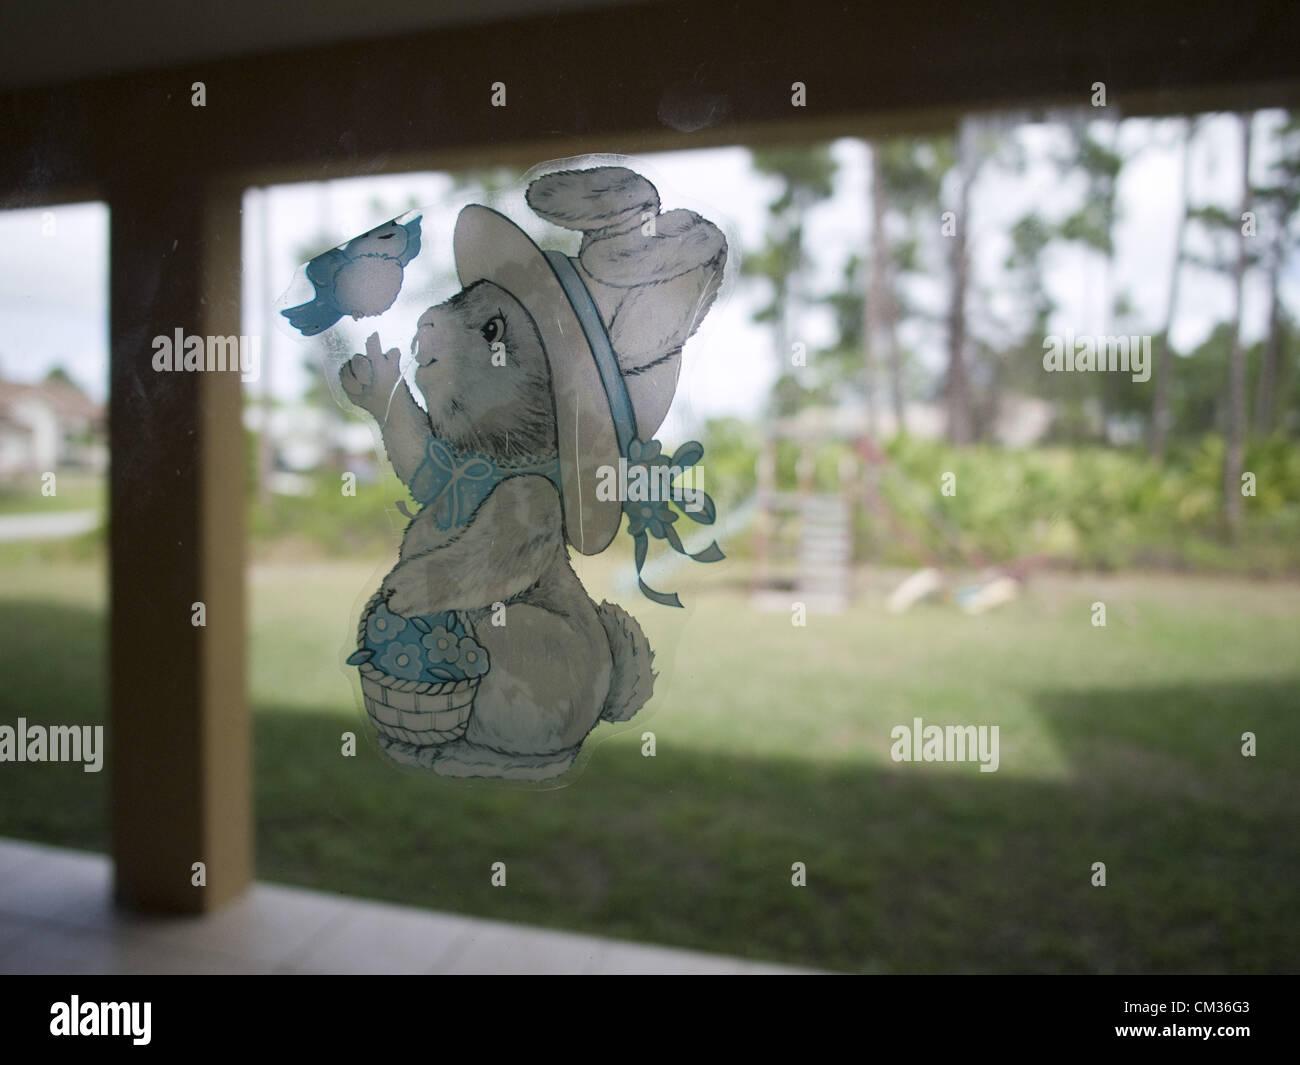 H 002 Imágenes De Stock & H 002 Fotos De Stock - Página 7 - Alamy